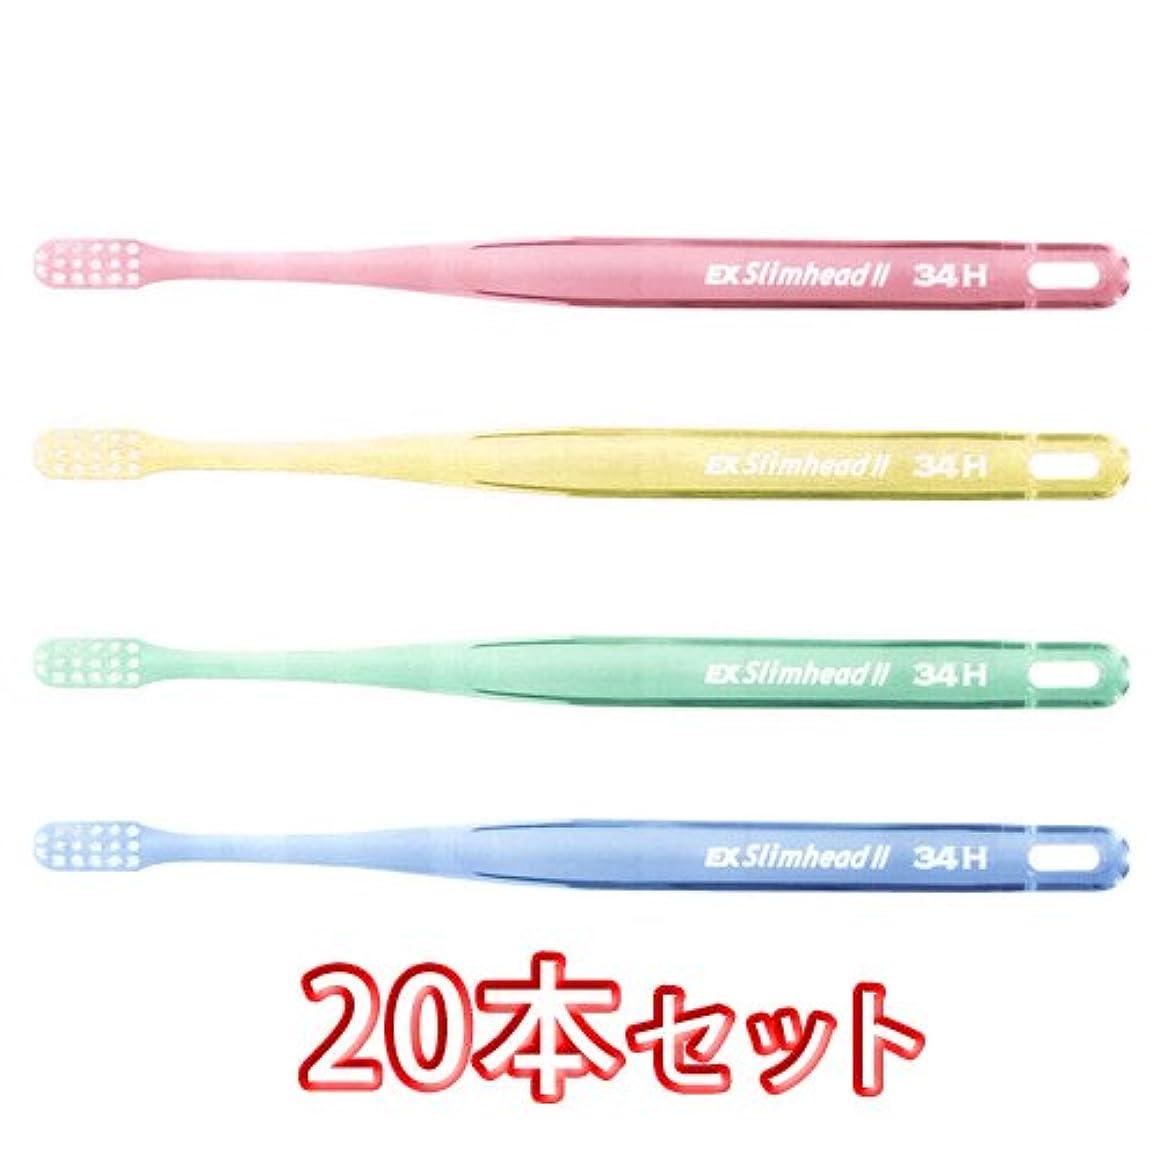 四回区画割れ目ライオン スリムヘッド2 歯ブラシ DENT . EX Slimhead2 20本入 (34H)